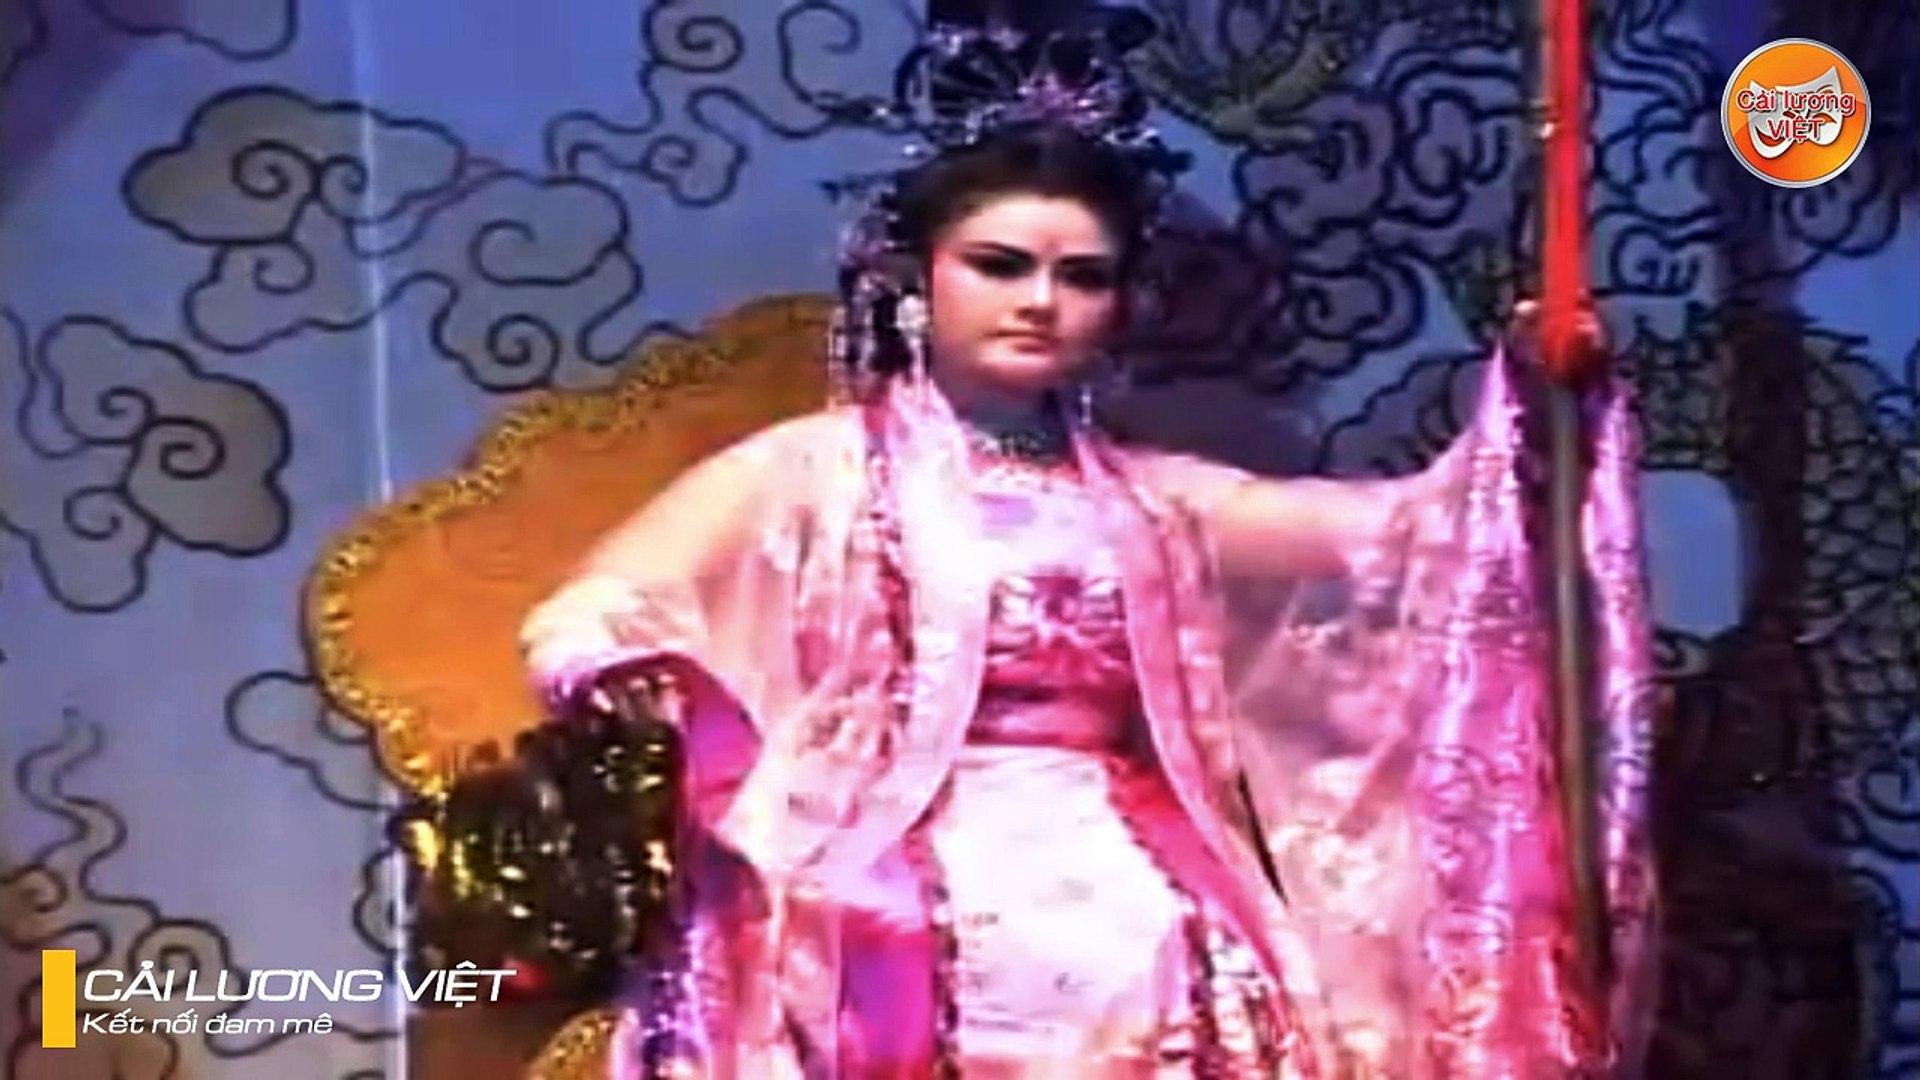 Trích đoạn cải lương | Tây thiên vũ khúc - Vũ Linh, Trinh Trinh, Bình Tinh, Hiếu Cảnh